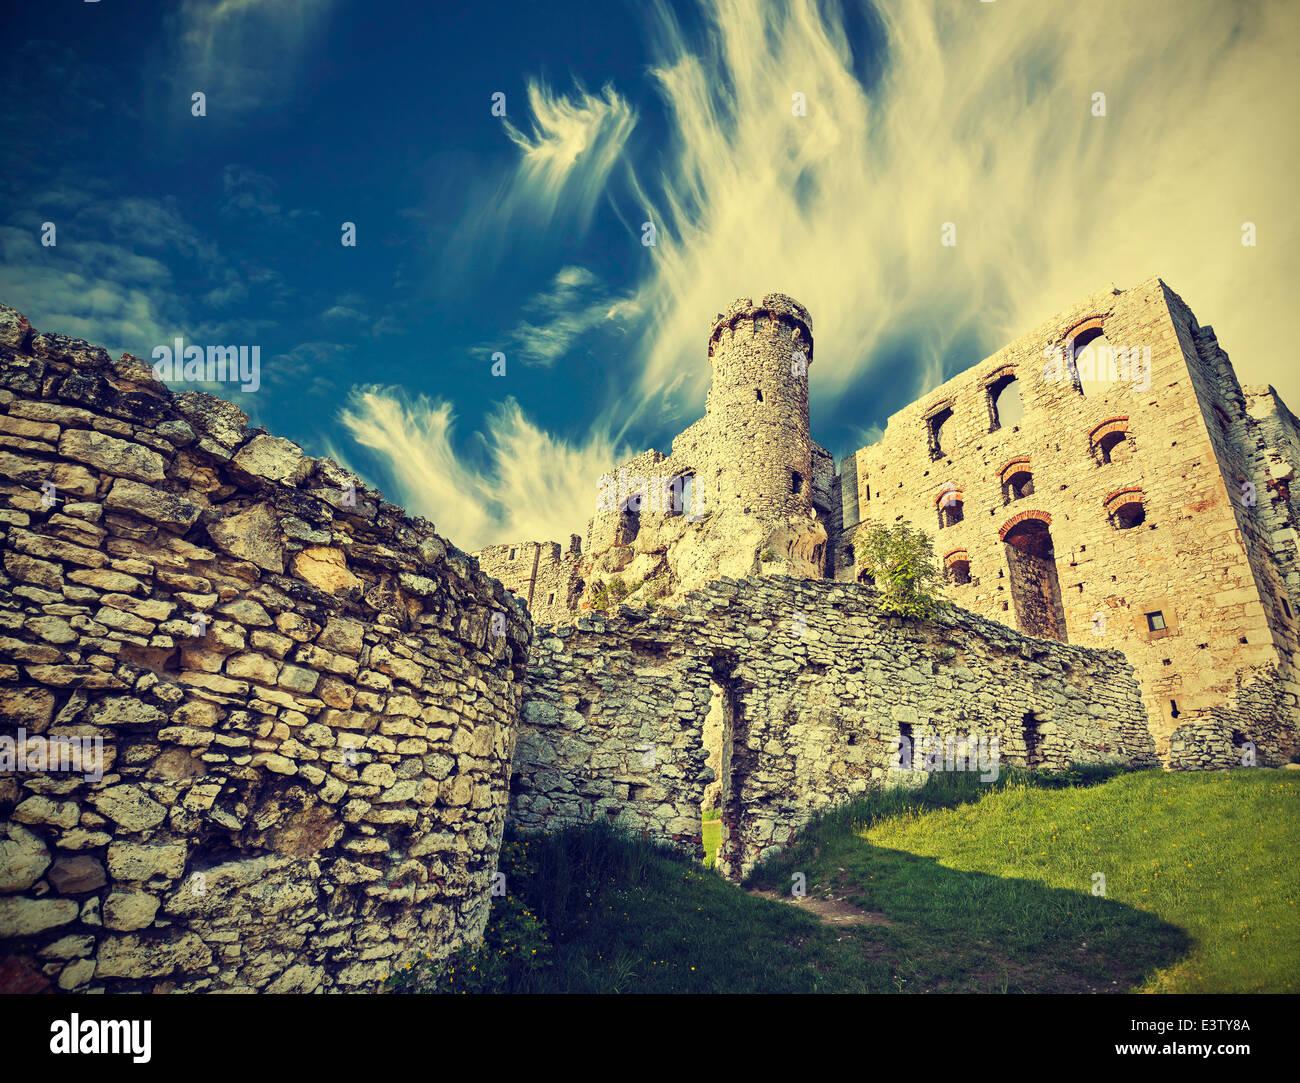 Vintage stile retrò rovine del castello. Immagini Stock